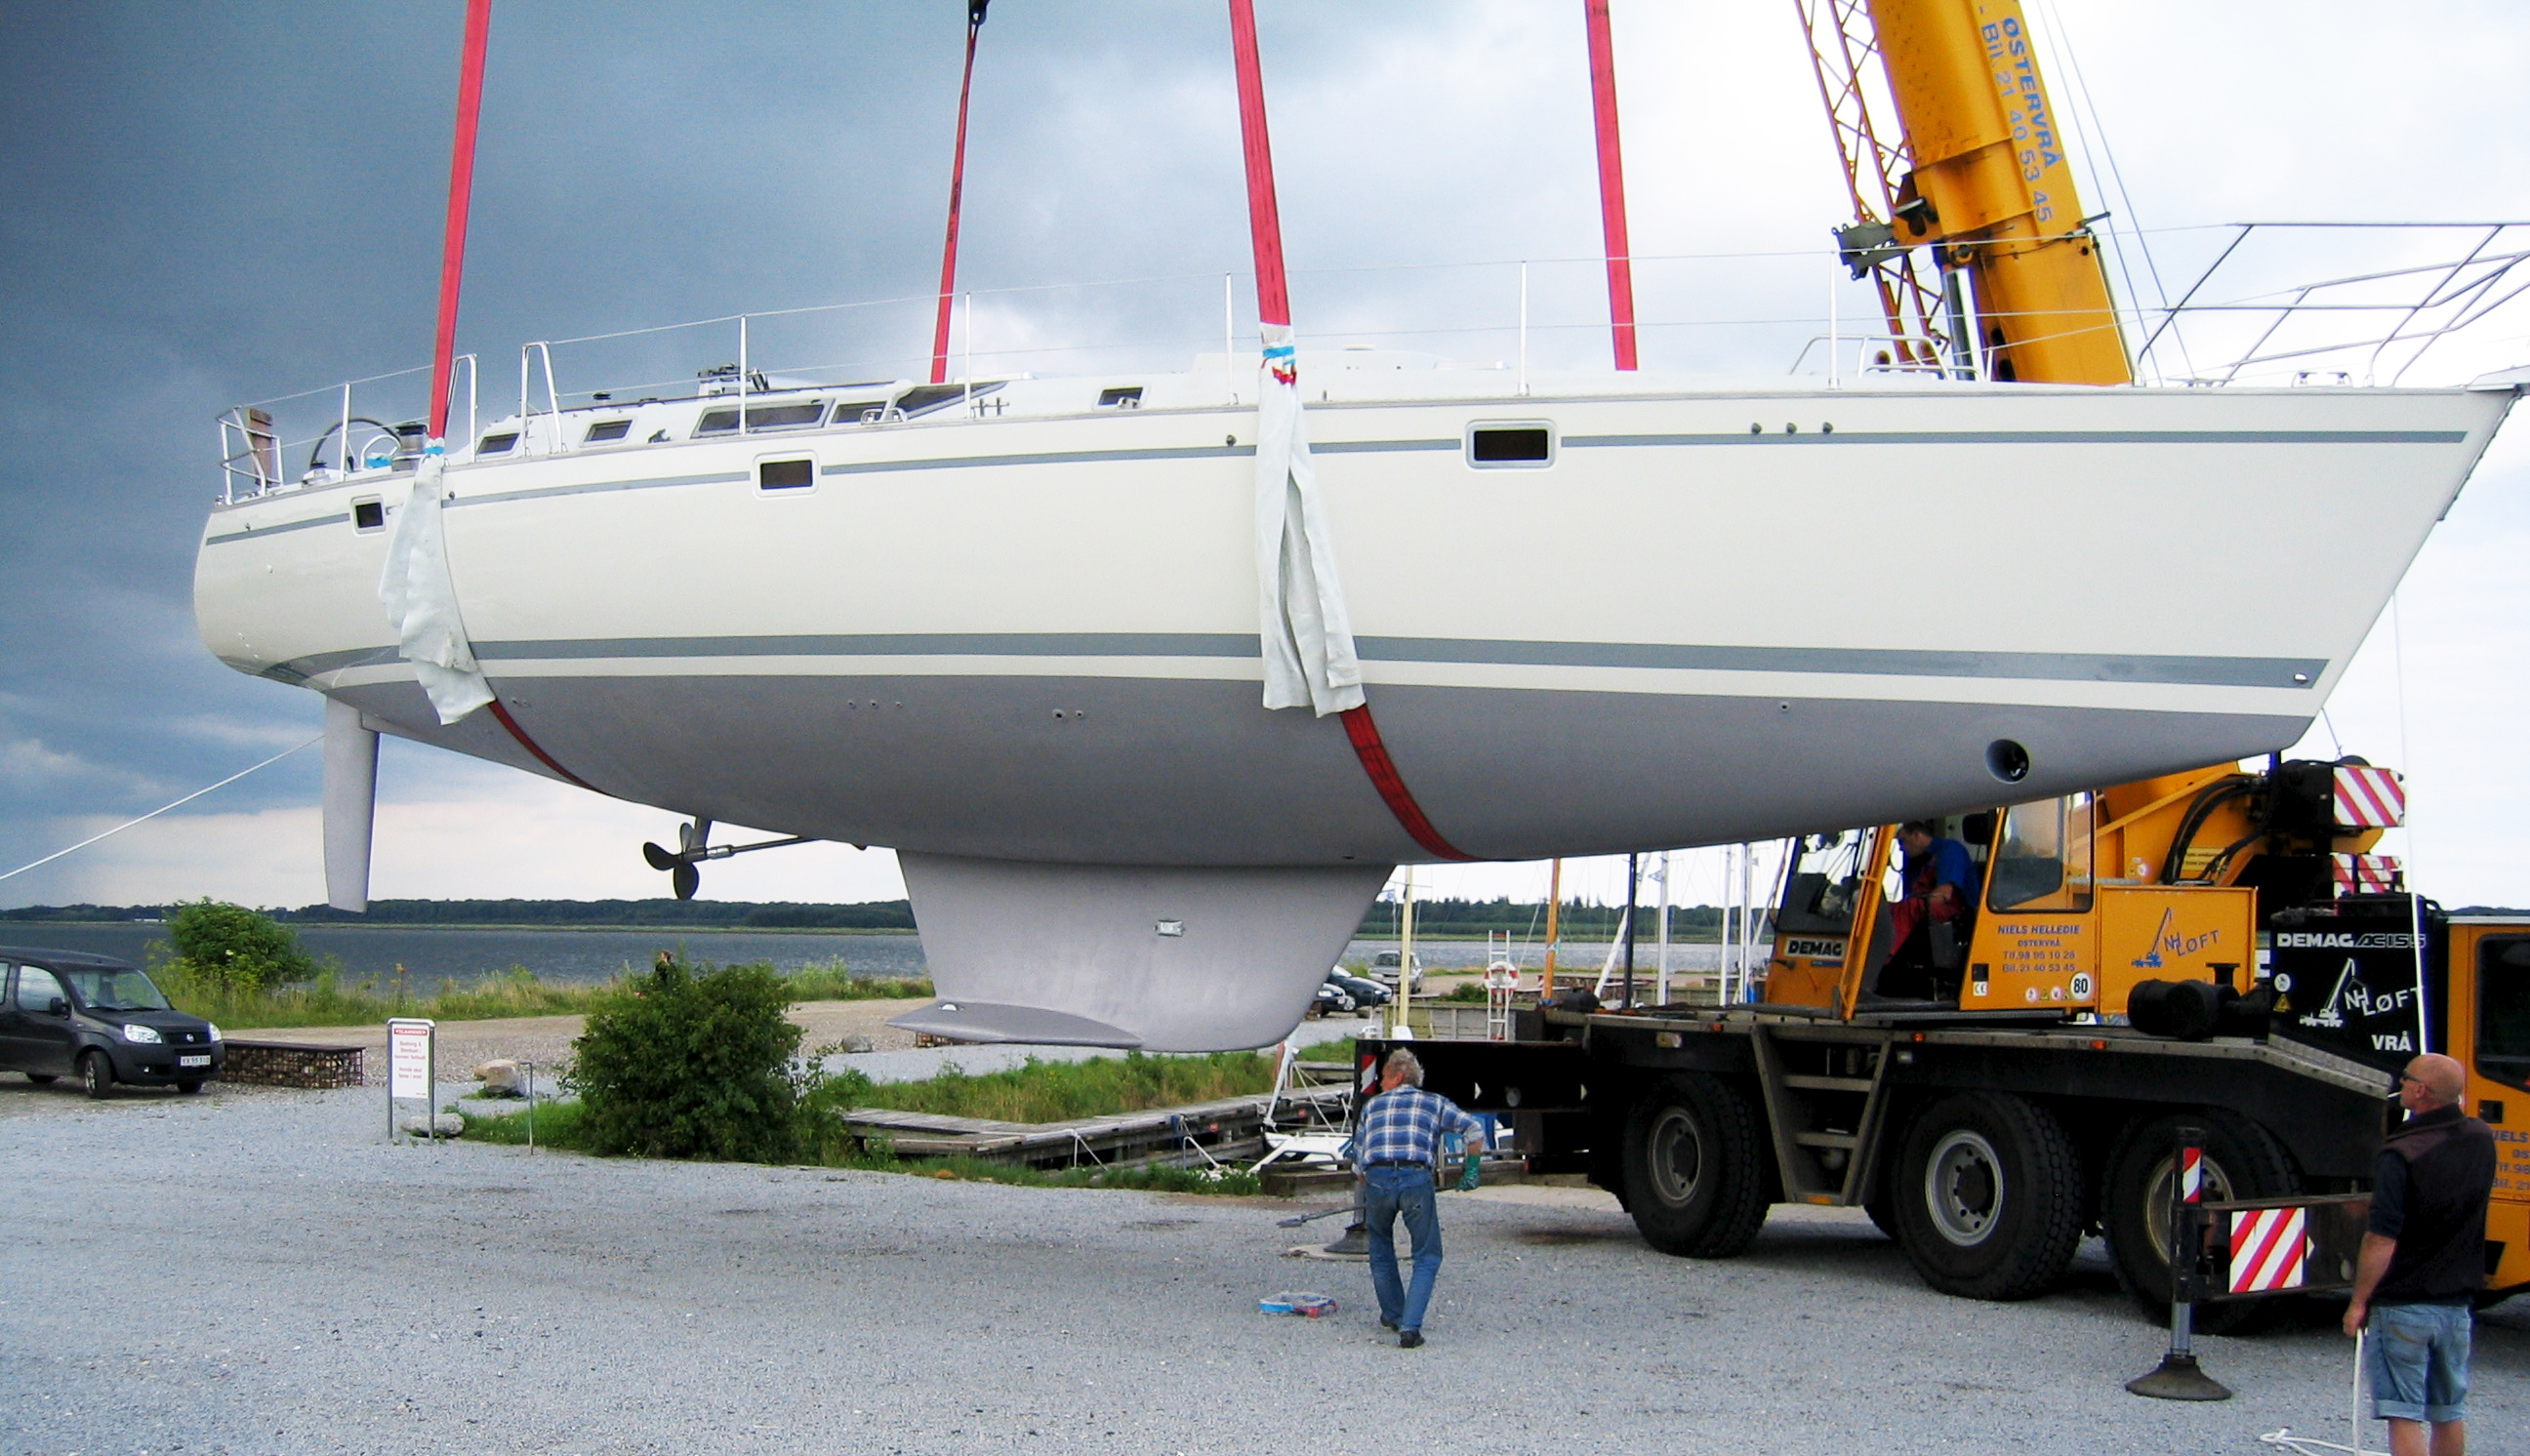 Bådopbevaring optagning af sejlbåd